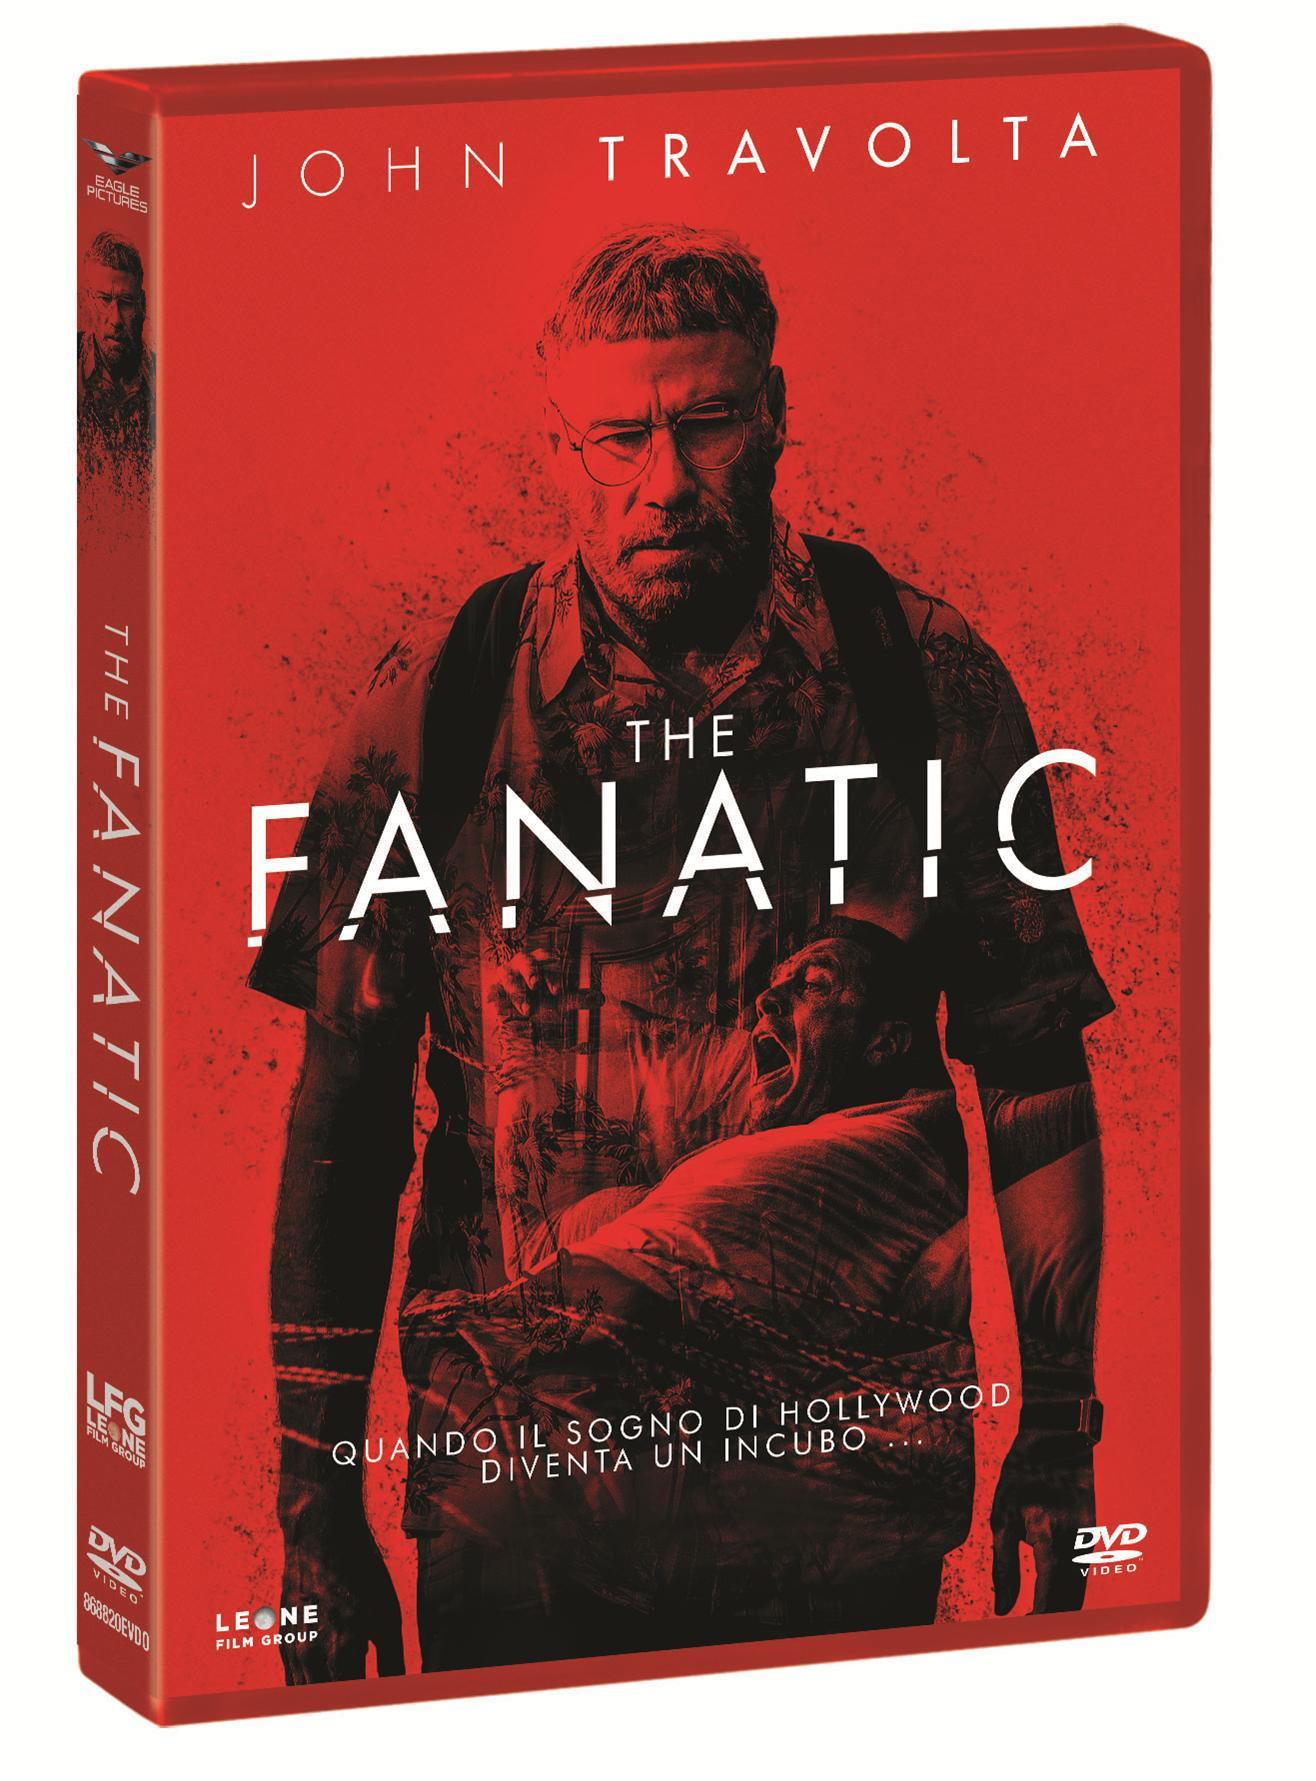 THE FANATIC (DVD)